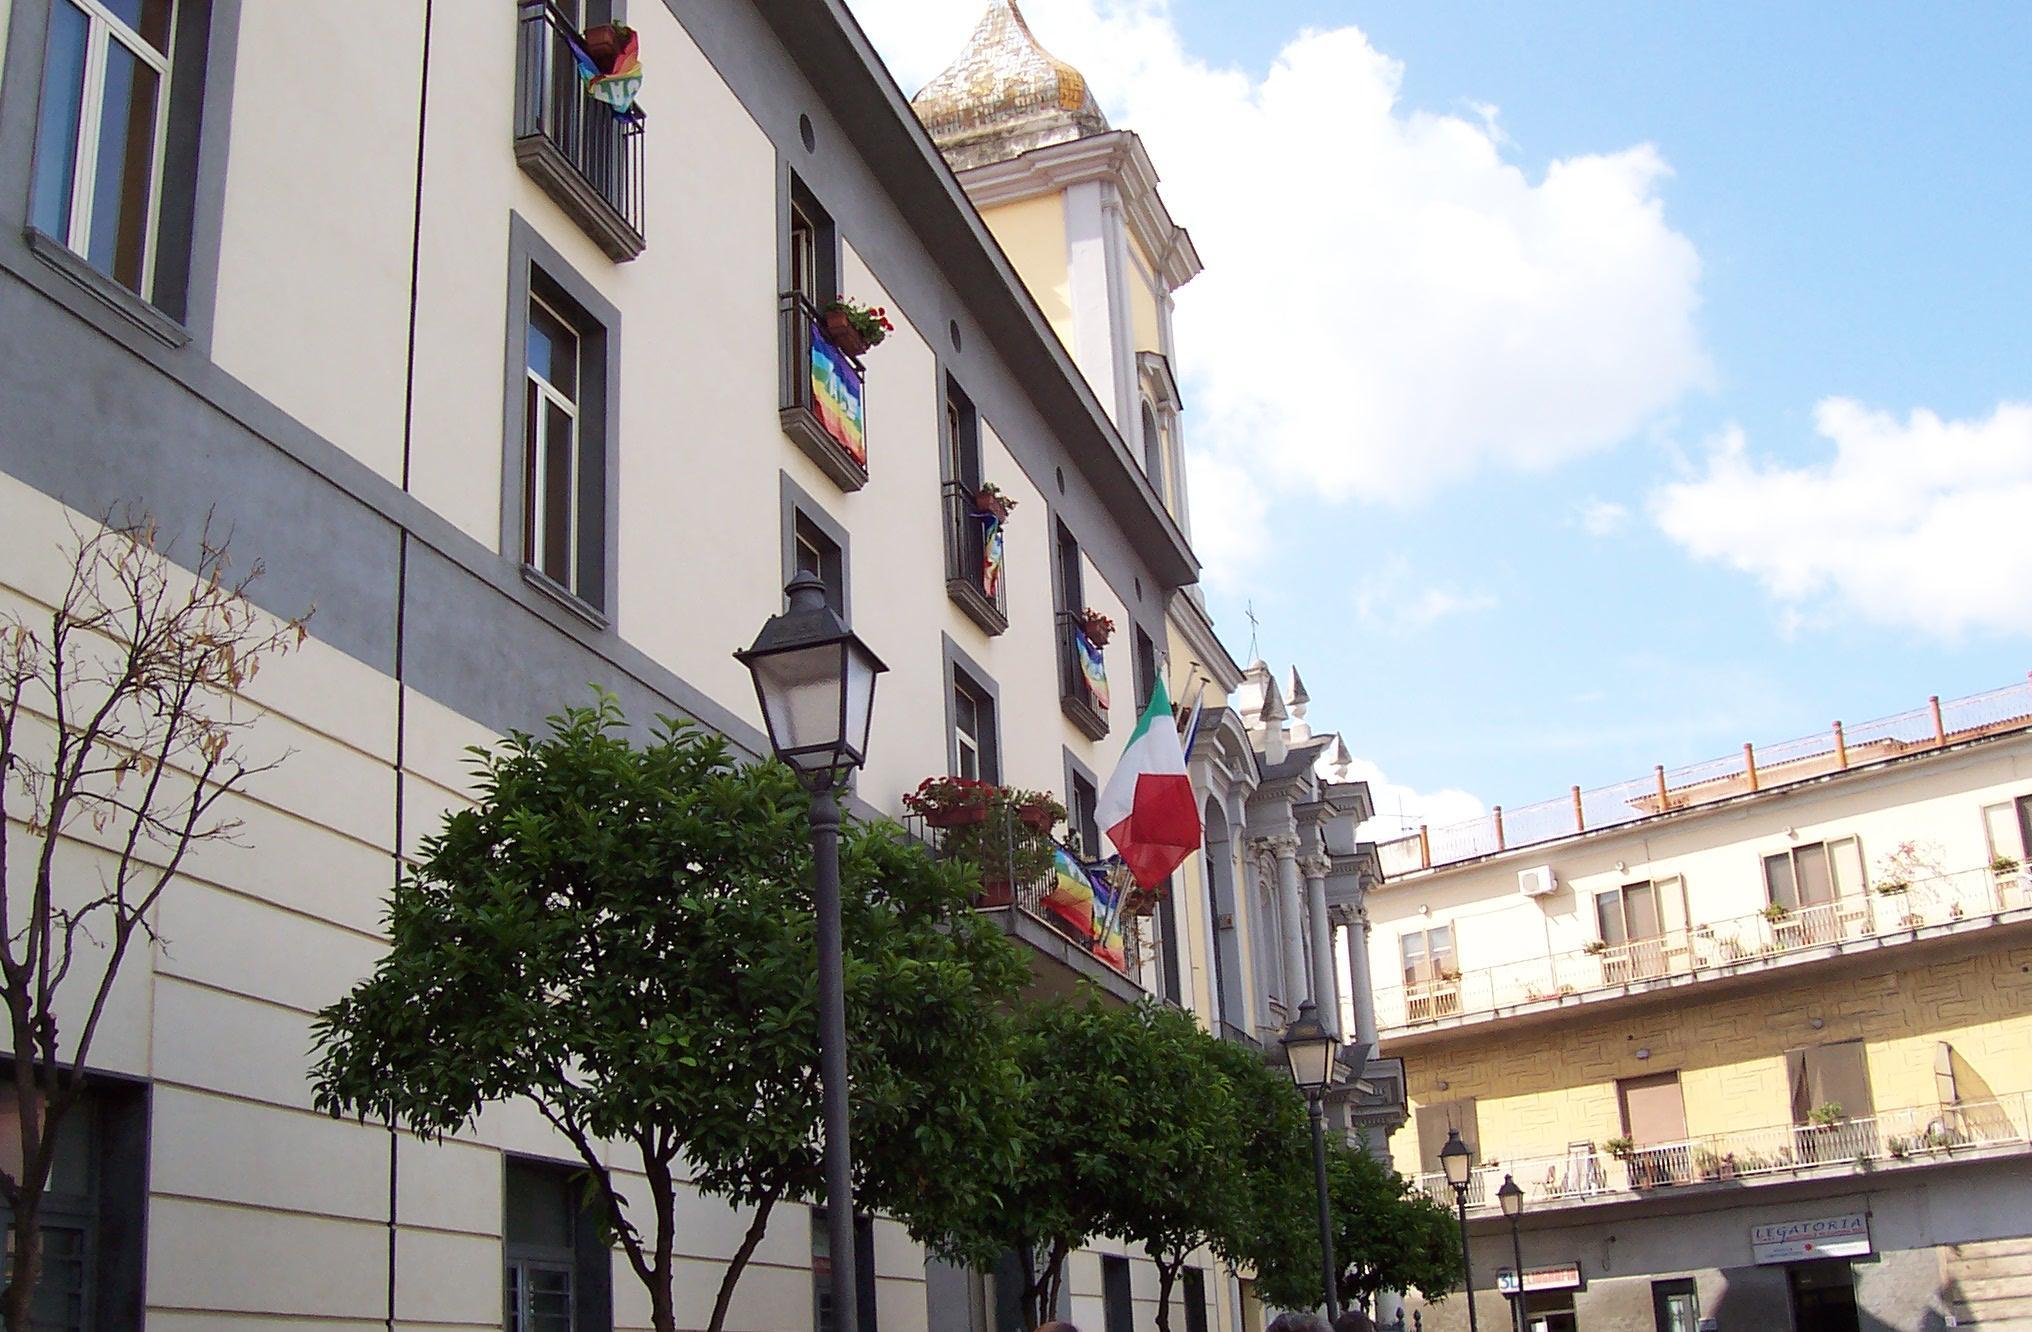 Via Romani Pomigliano D Arco pomigliano d'arco - wikipedia